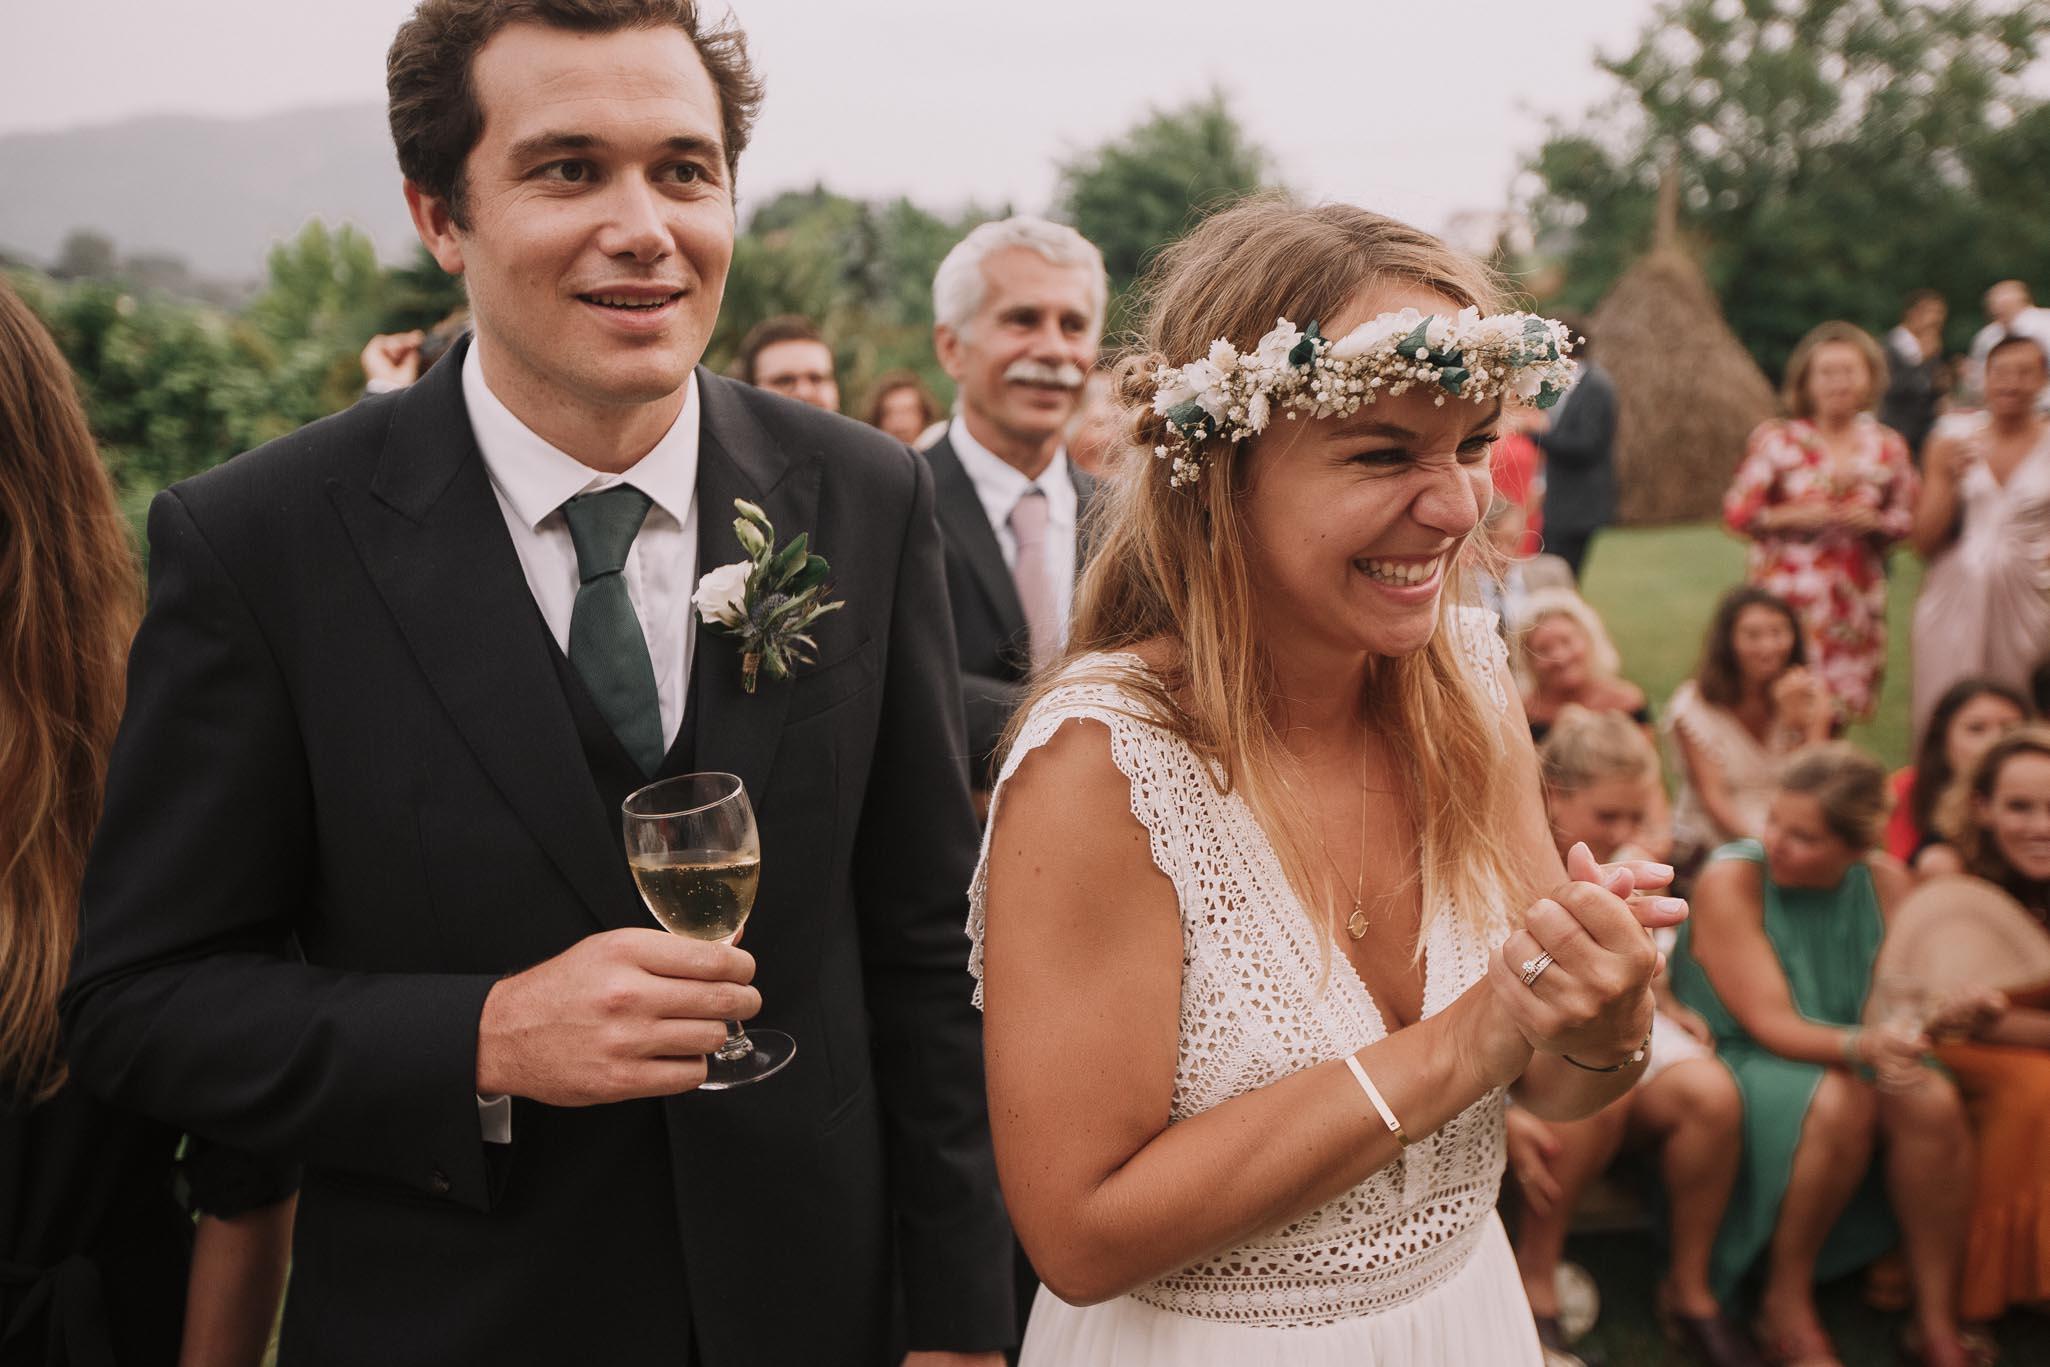 Photographe-mariage-bordeaux-jeremy-boyer-pays-basque-ihartze-artea-sare-robe-eleonore-pauc-couple-amour-150.jpg